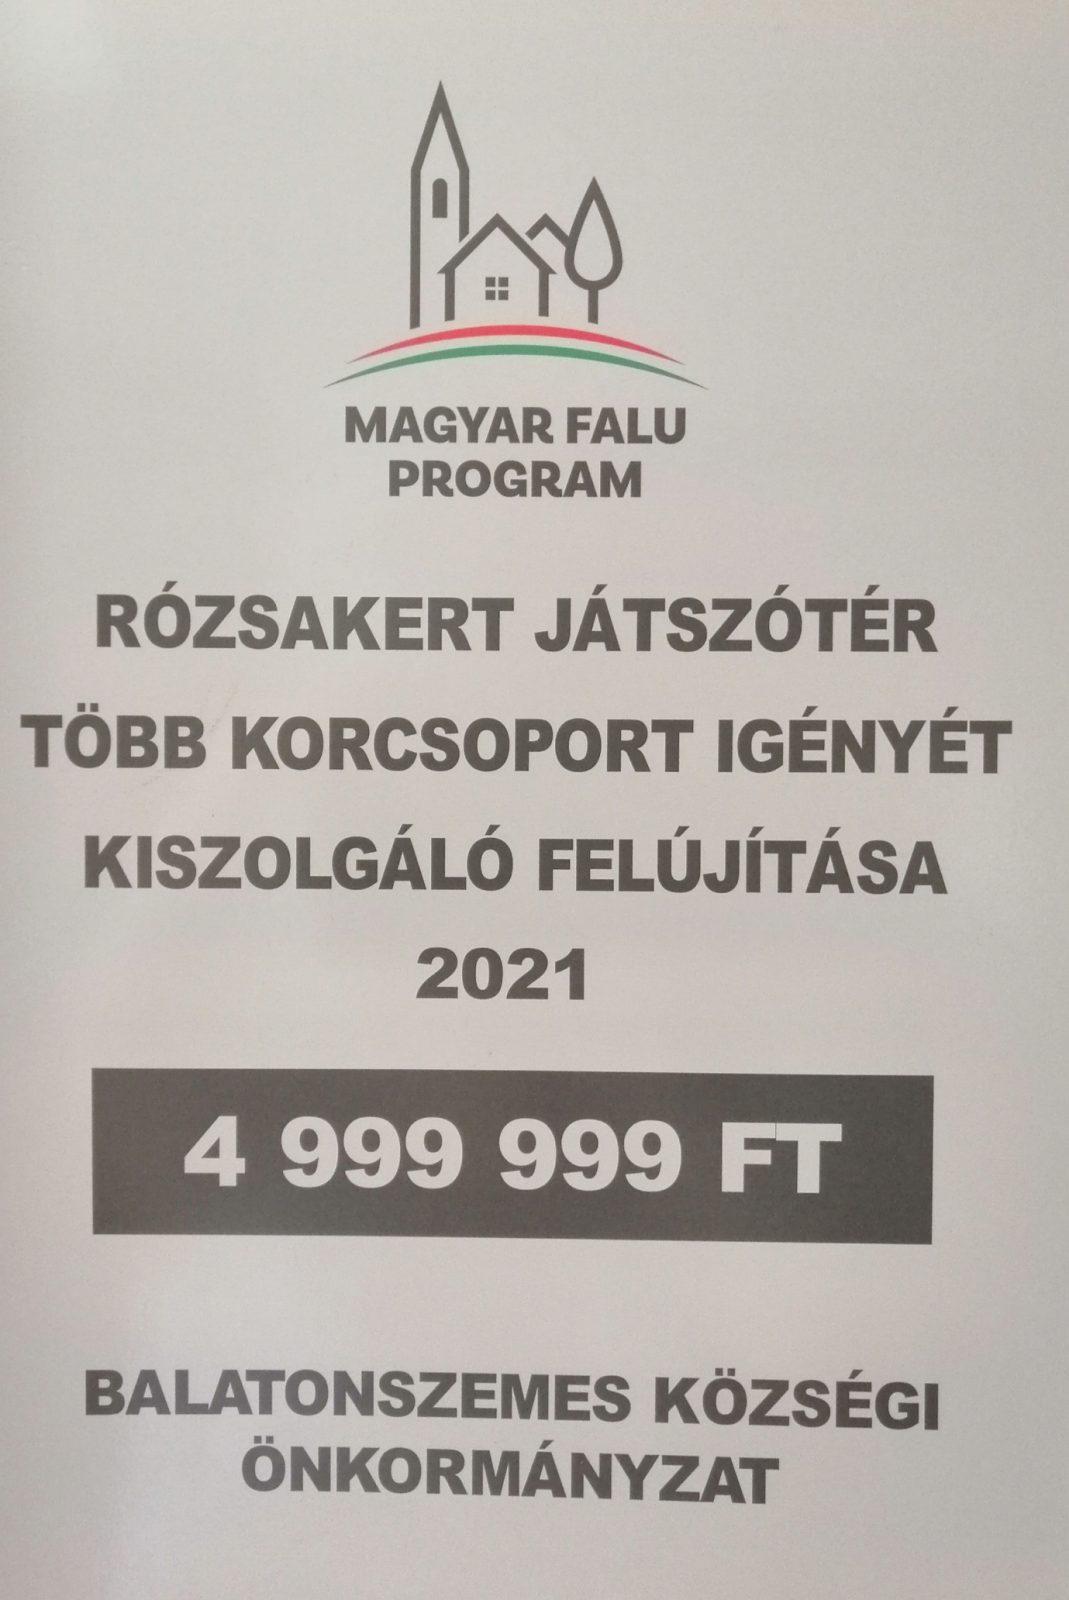 IMG 20210712 122647 1 Rózsakert játszótér